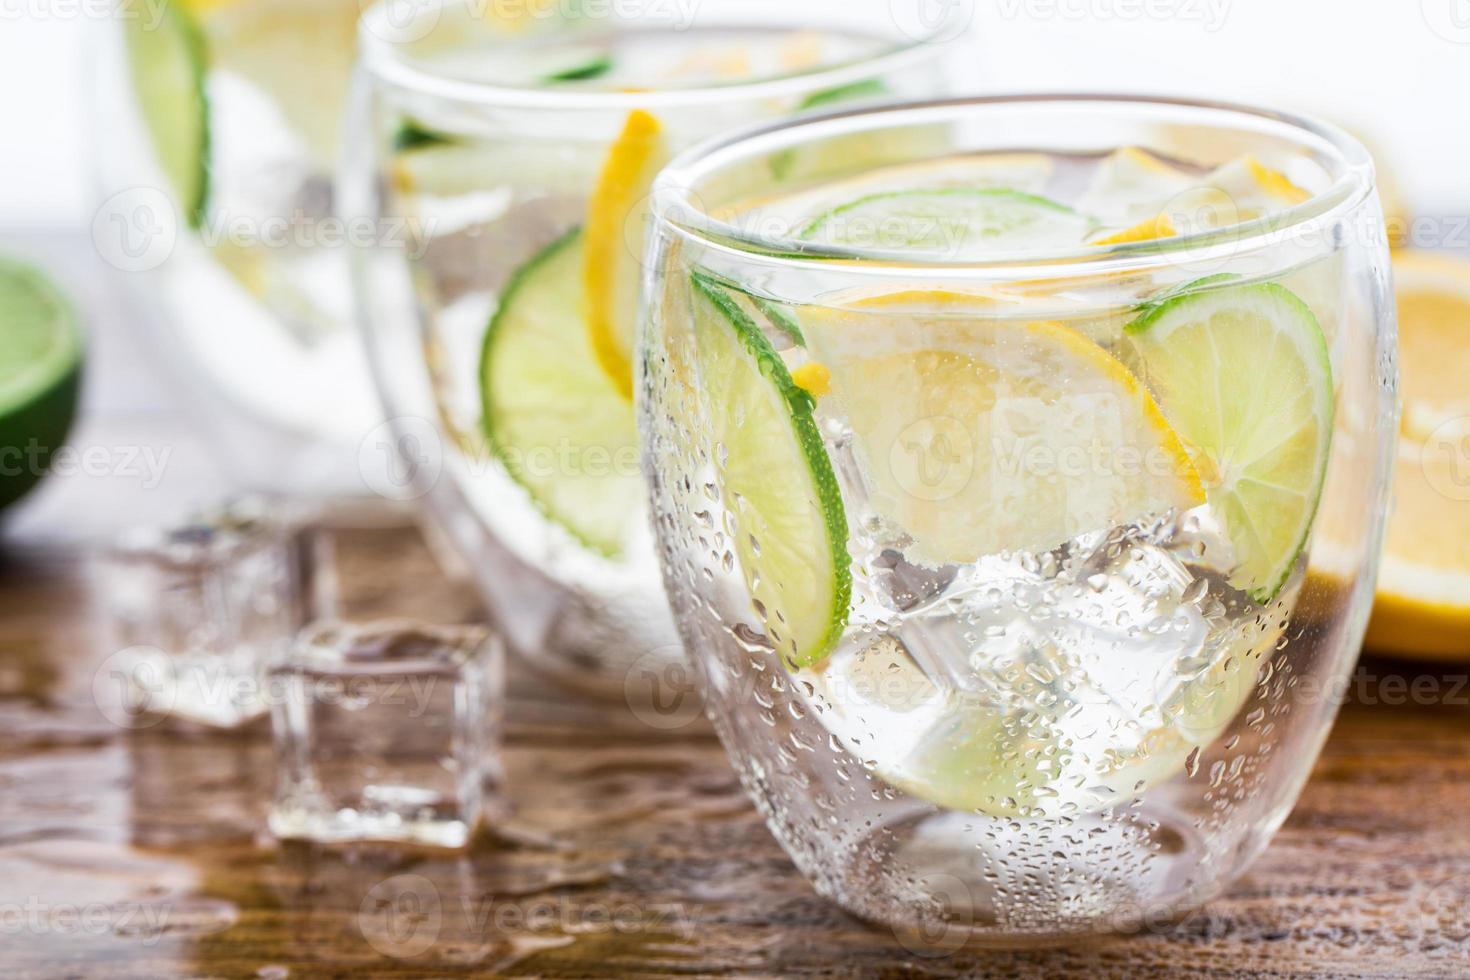 limonada fresca e fria foto